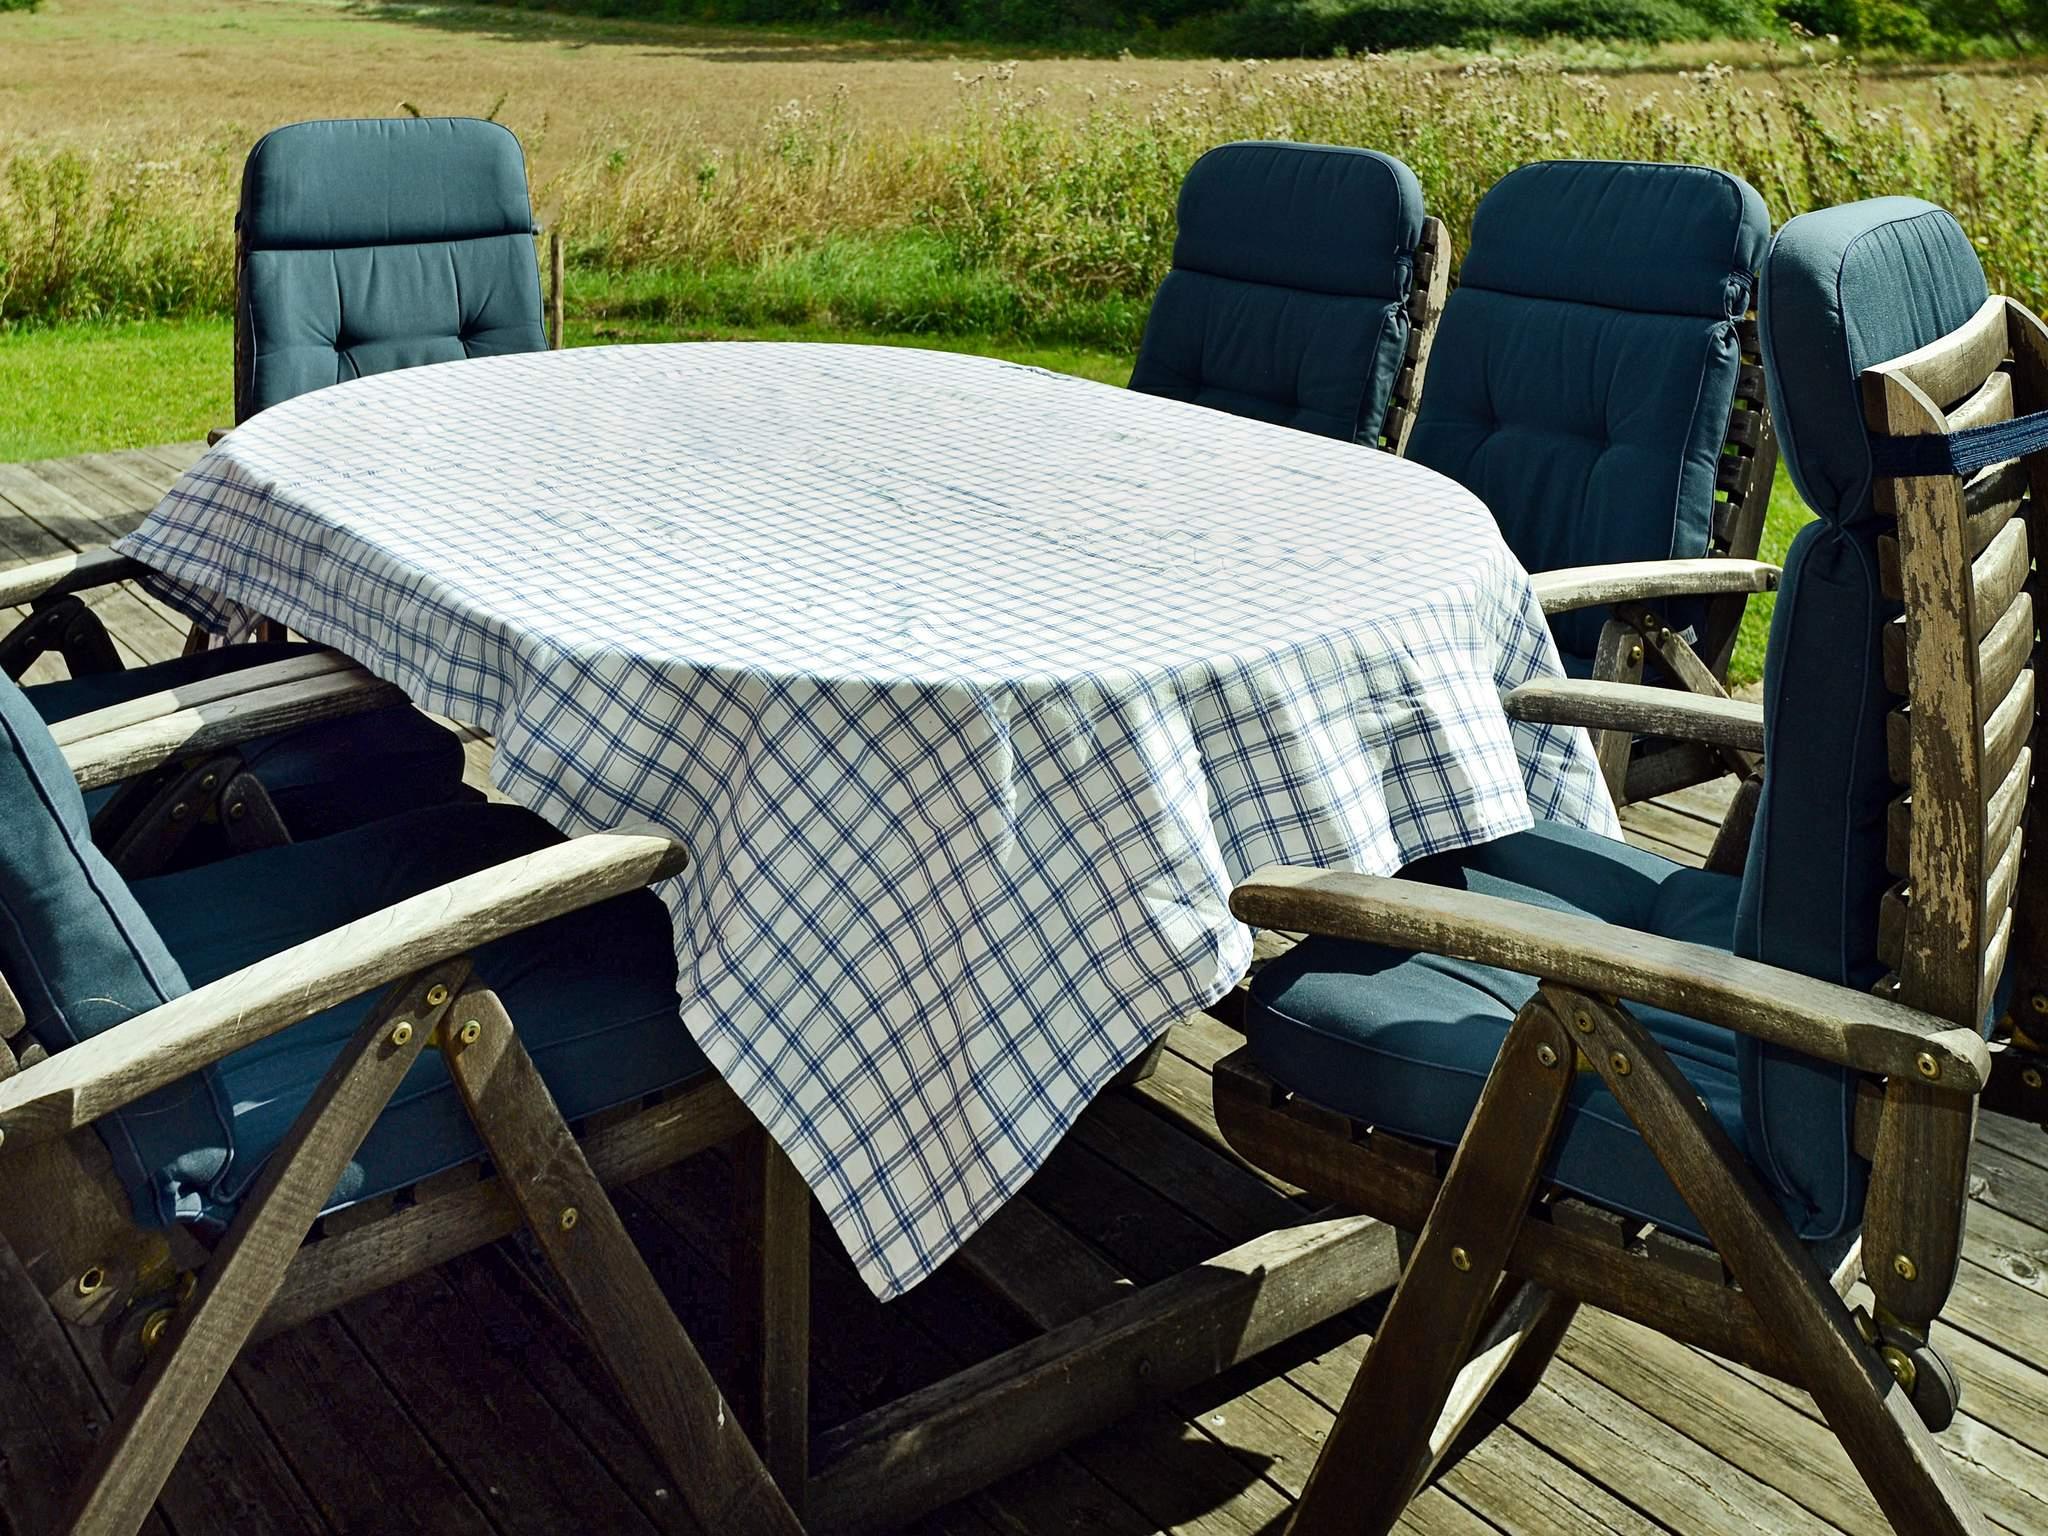 Ferienhaus Strängnäs (93280), Strängnäs, Södermanlands län, Mittelschweden, Schweden, Bild 15